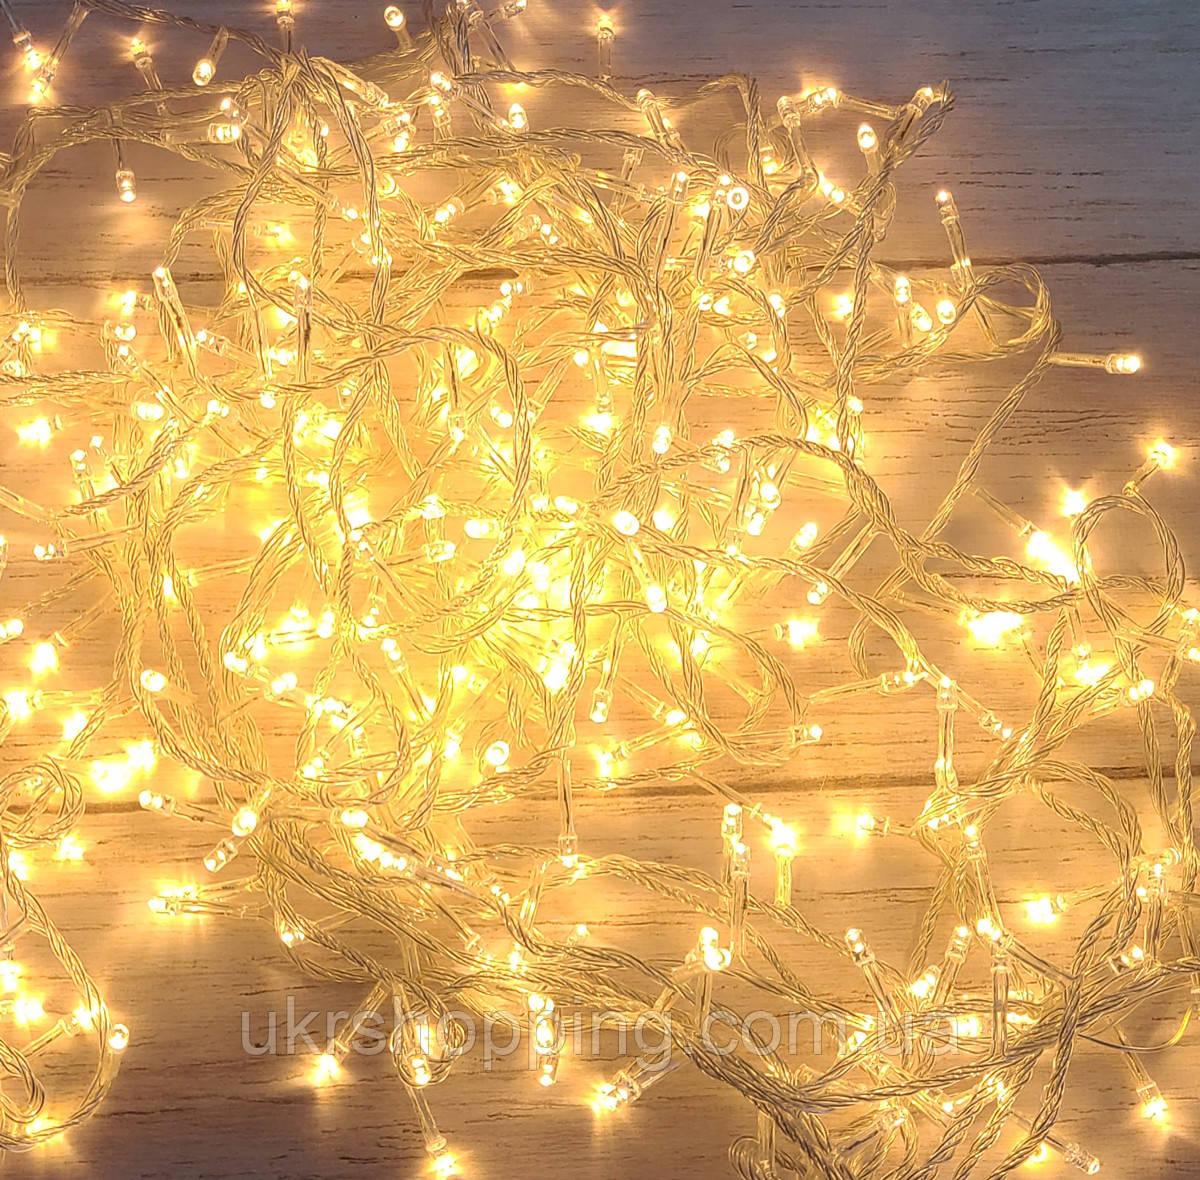 Новогодняя теплая белая лед гирлянда 16 м Xmas LED 400 WW-1, новорічна лед гірлянда на ялинку (SH)